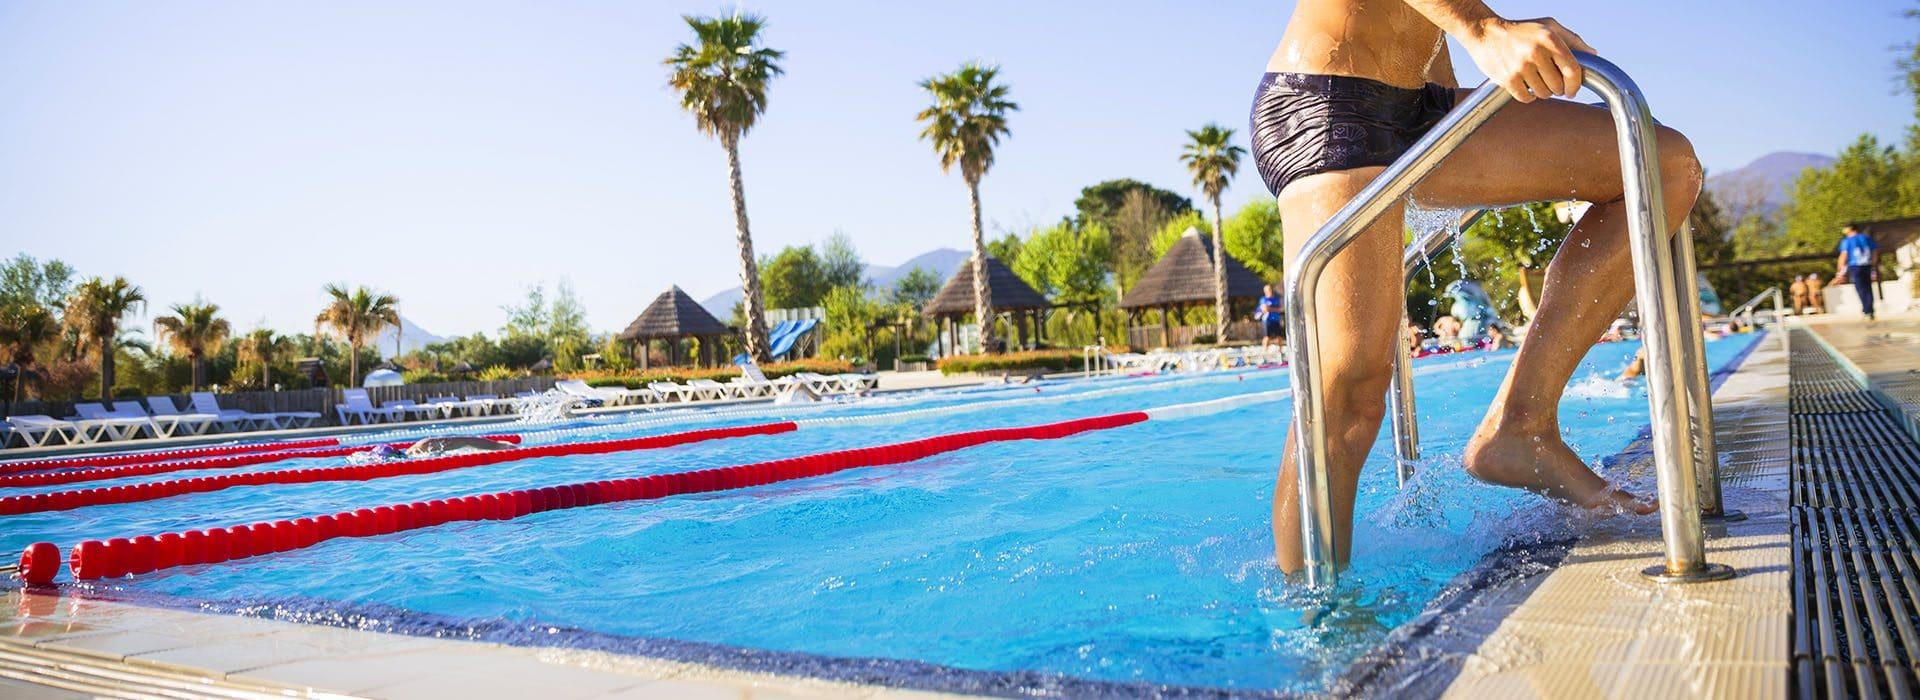 Homme piscine sport